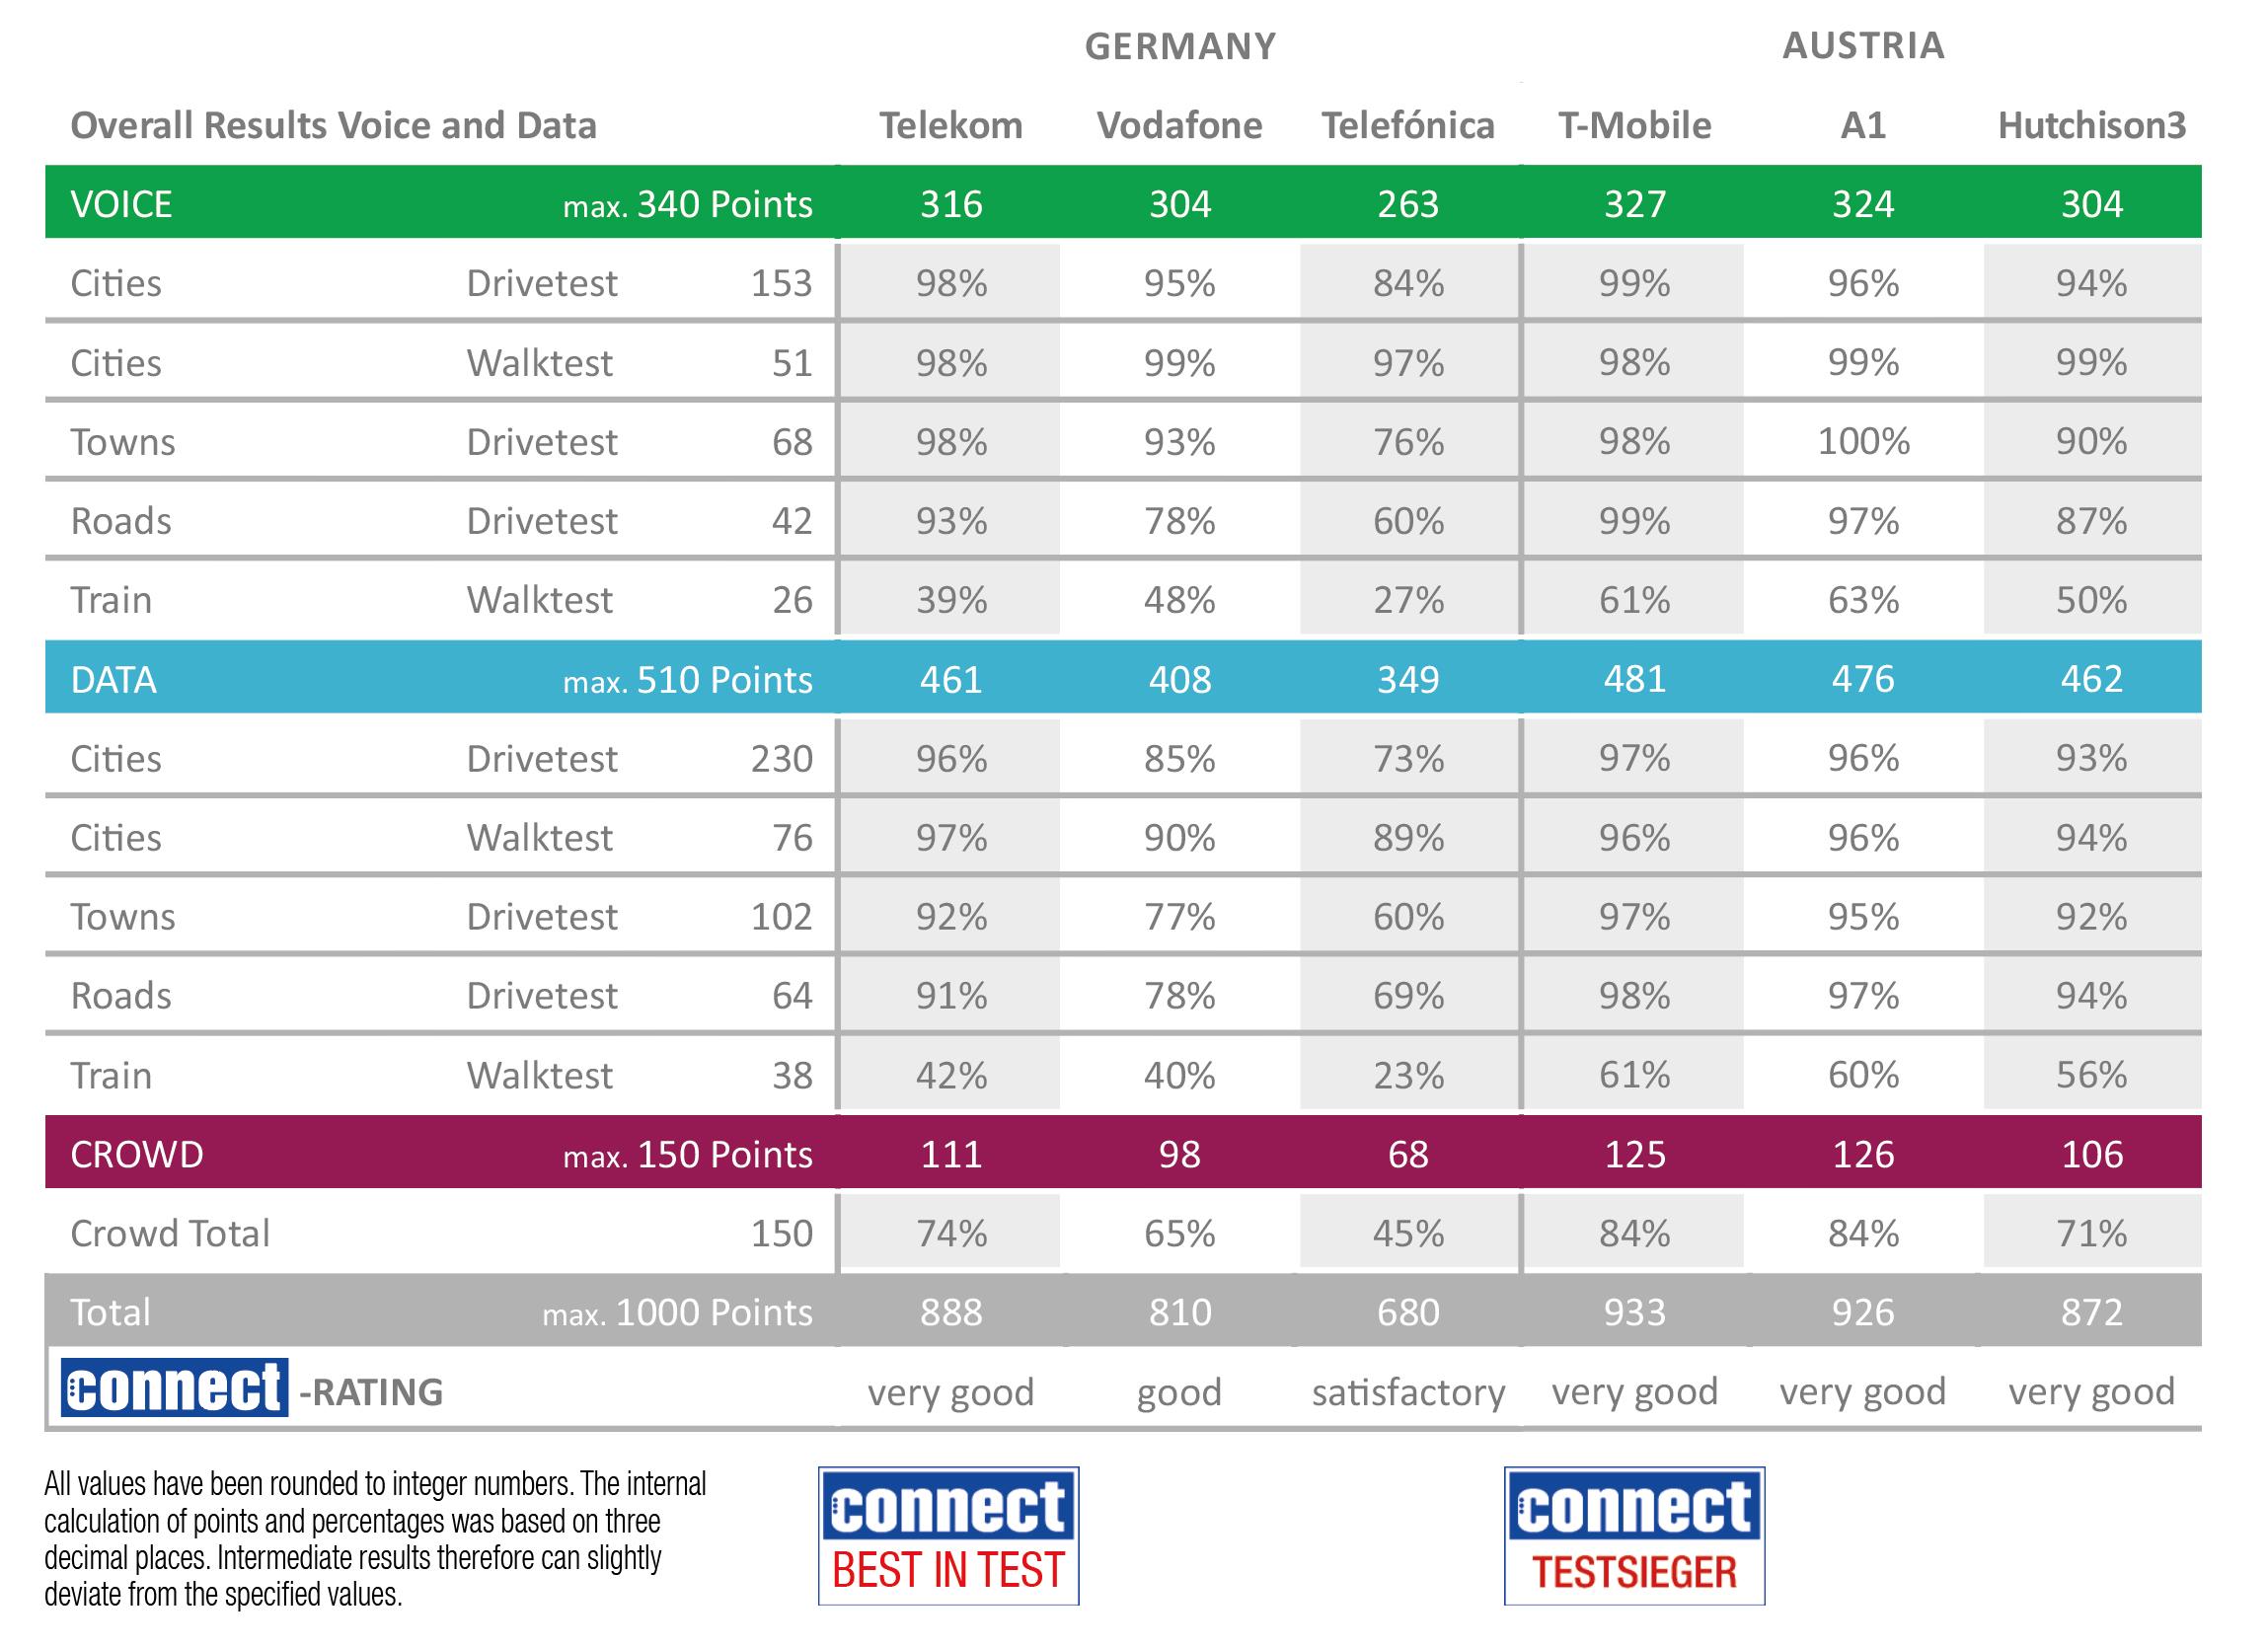 Deutsche Telekom Und T Mobile Gewinnen Den Connect Netztest Die